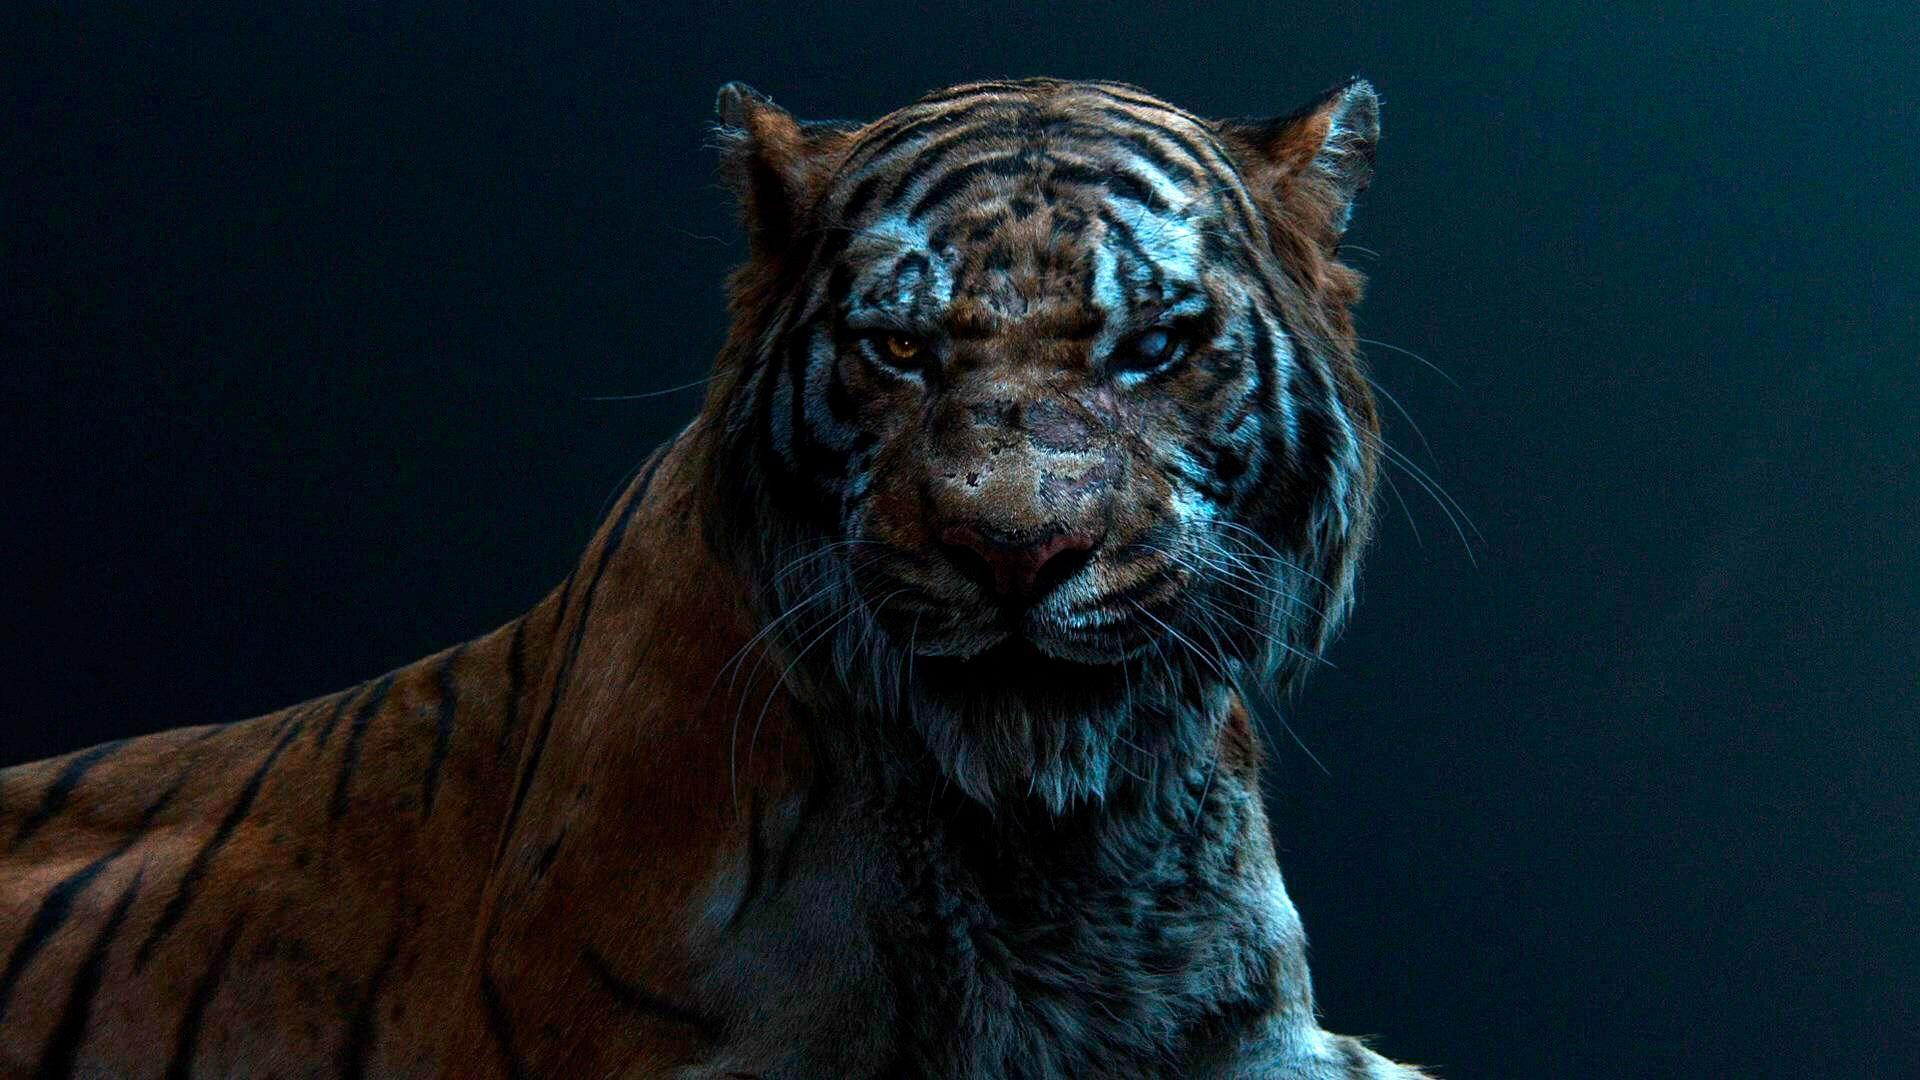 Tiger art 3d, Free Wallpaper